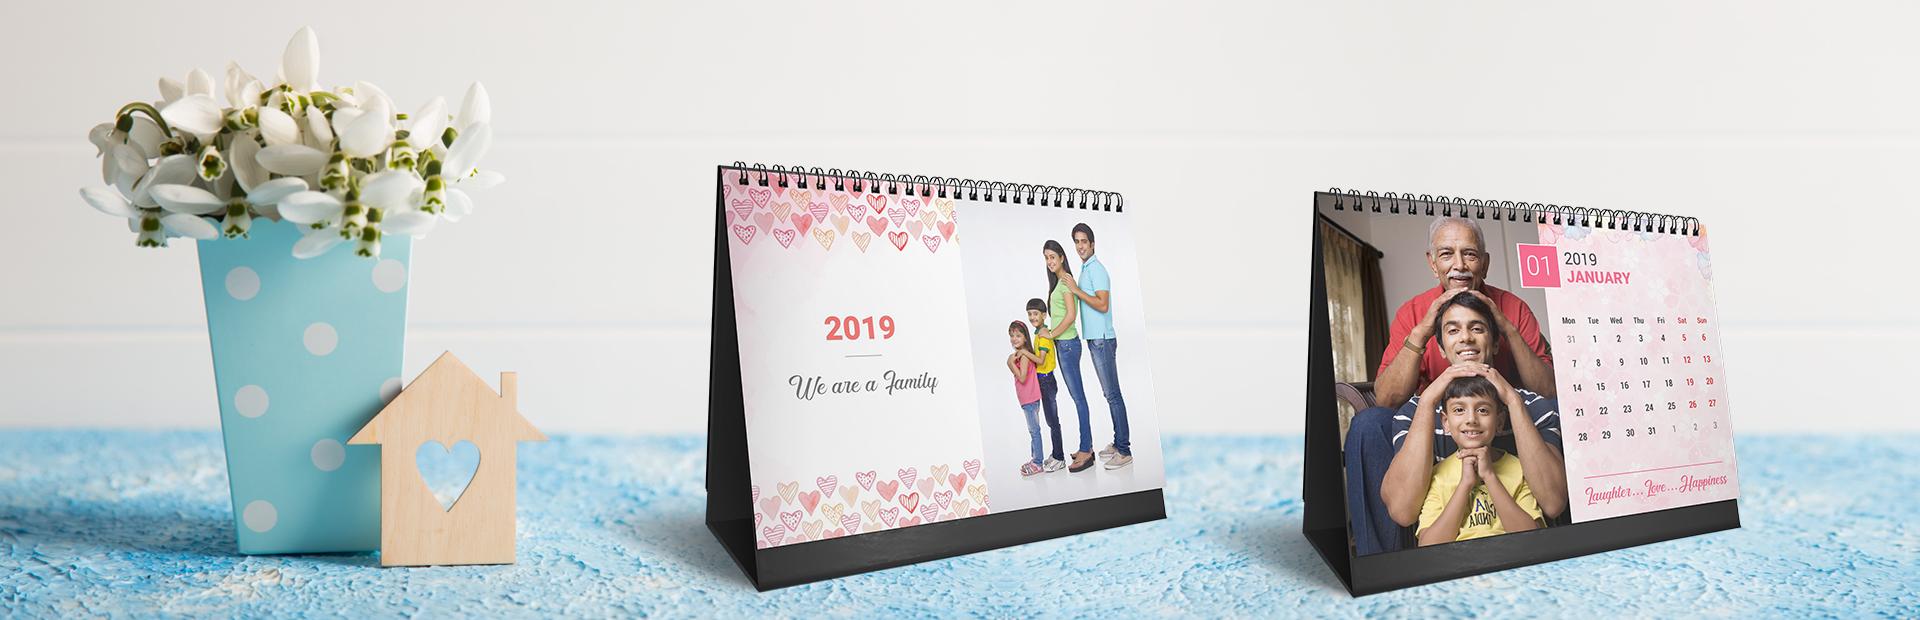 Lovely Family Photo Calendars Online